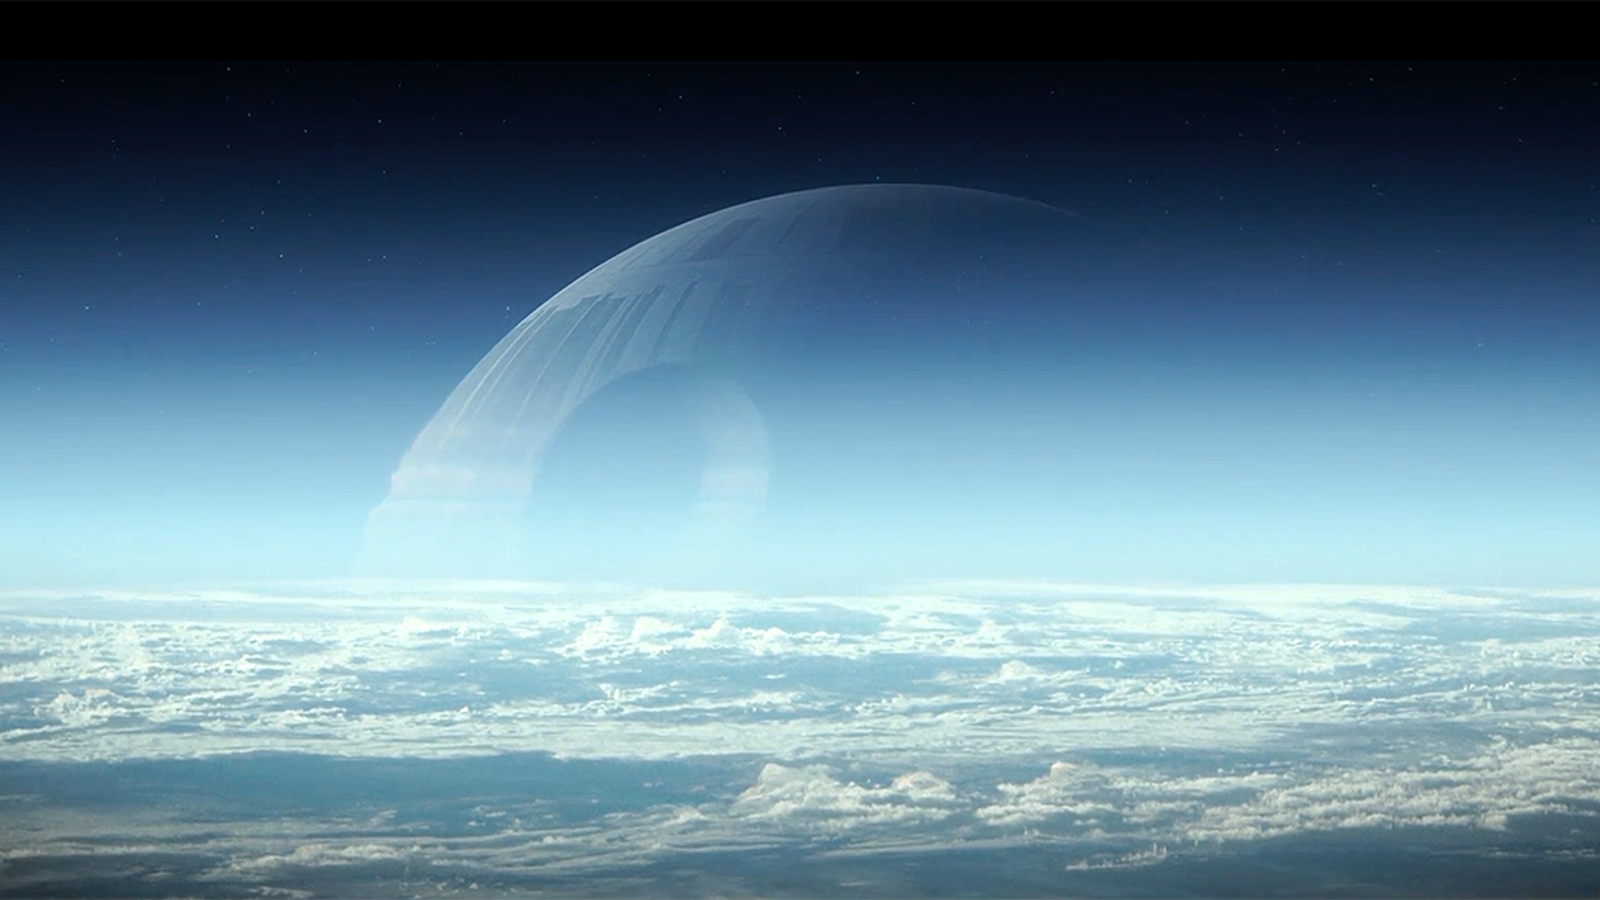 Este es el tráiler final de Rogue One: a Star Wars Story, y es espectacular